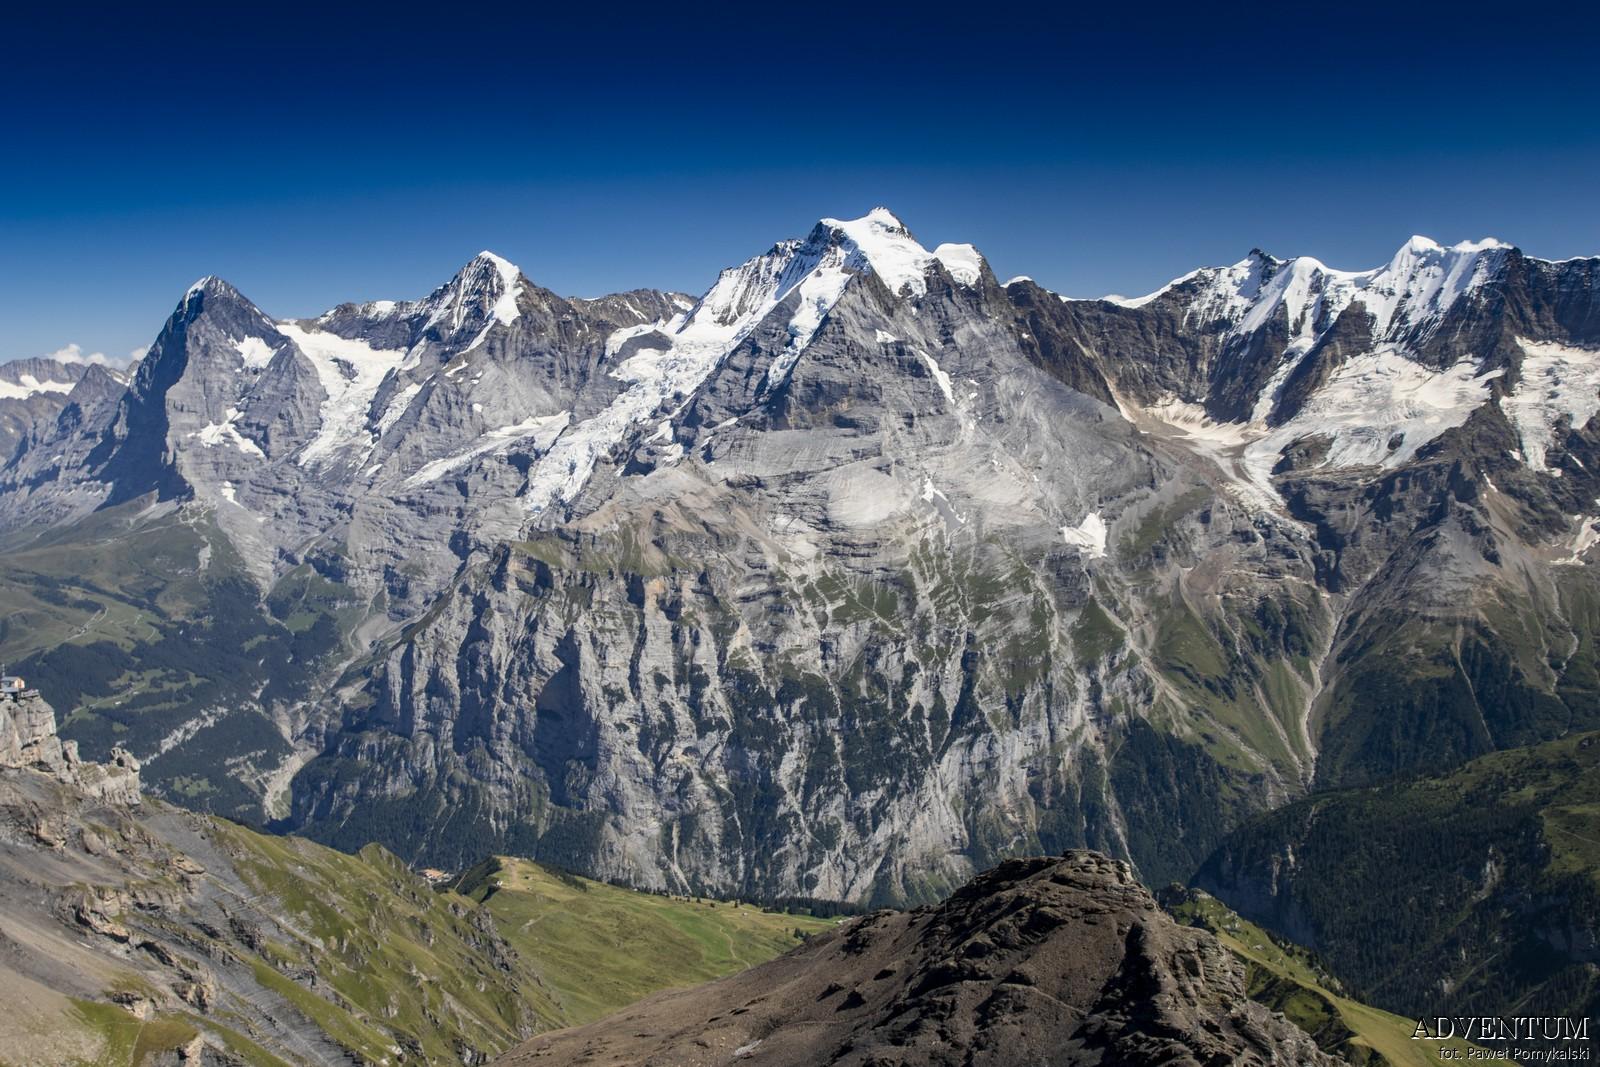 Schilthorn góry Szwajcaria Alpy Kolejka Linowa James Bond 007 Bilety Ceny parking Jungfrau Mönch Eiger